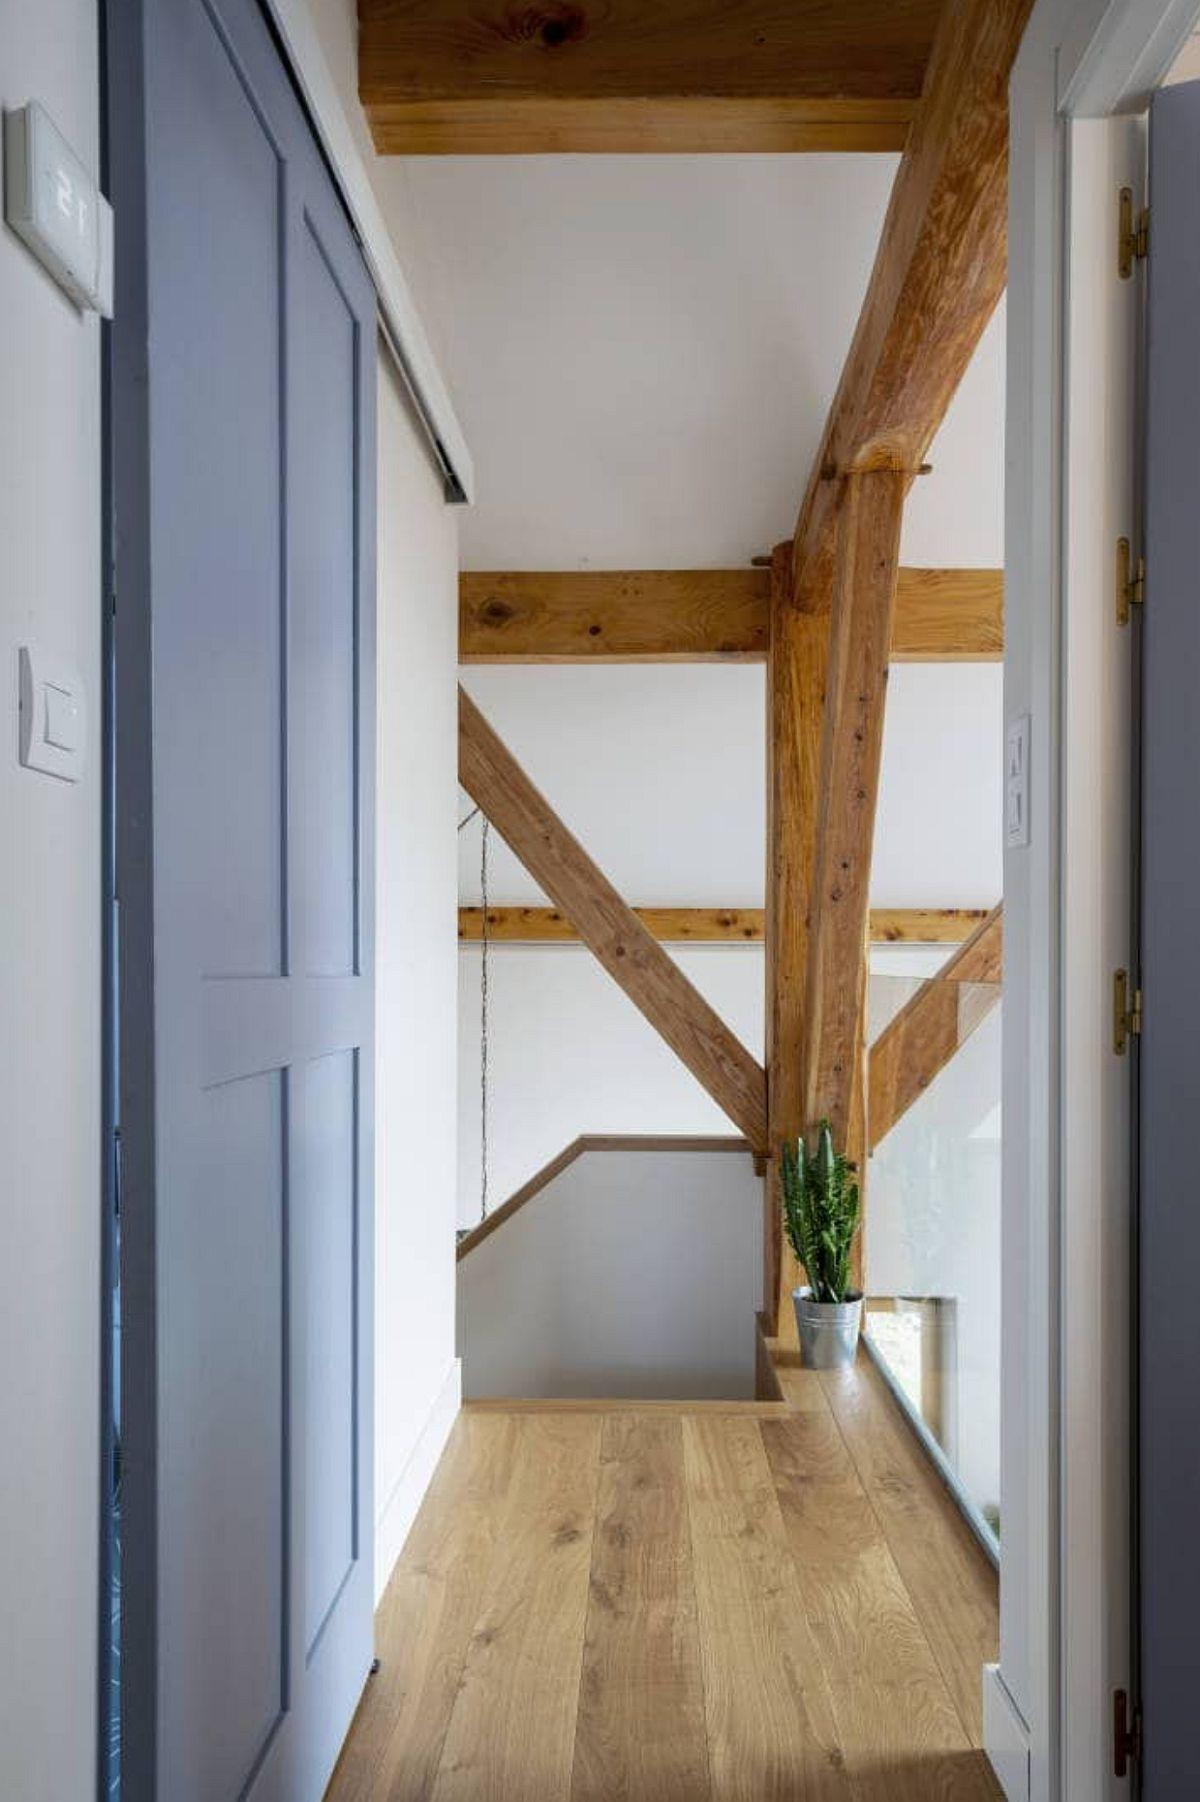 Casa scării beneficiază și ea de lumină naturală, iar aici desenul structurii acoperișului este lăsat la vedere.